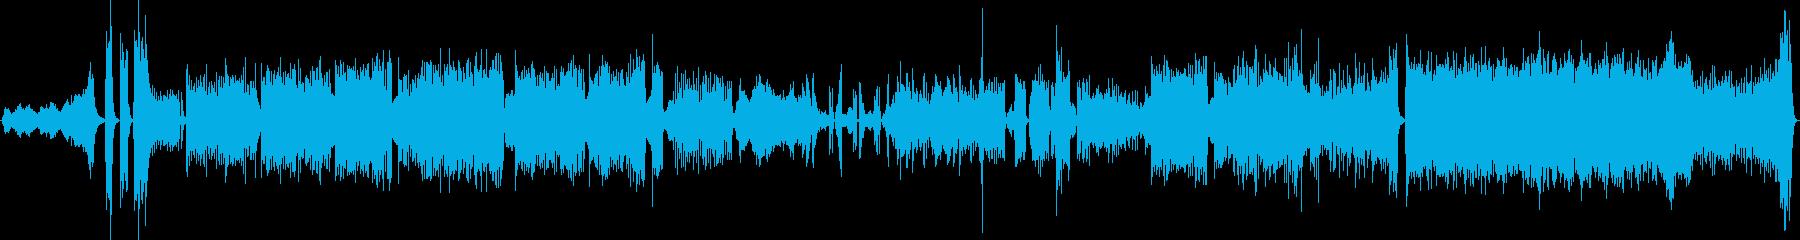 変拍子の宇宙系フュージョンの再生済みの波形